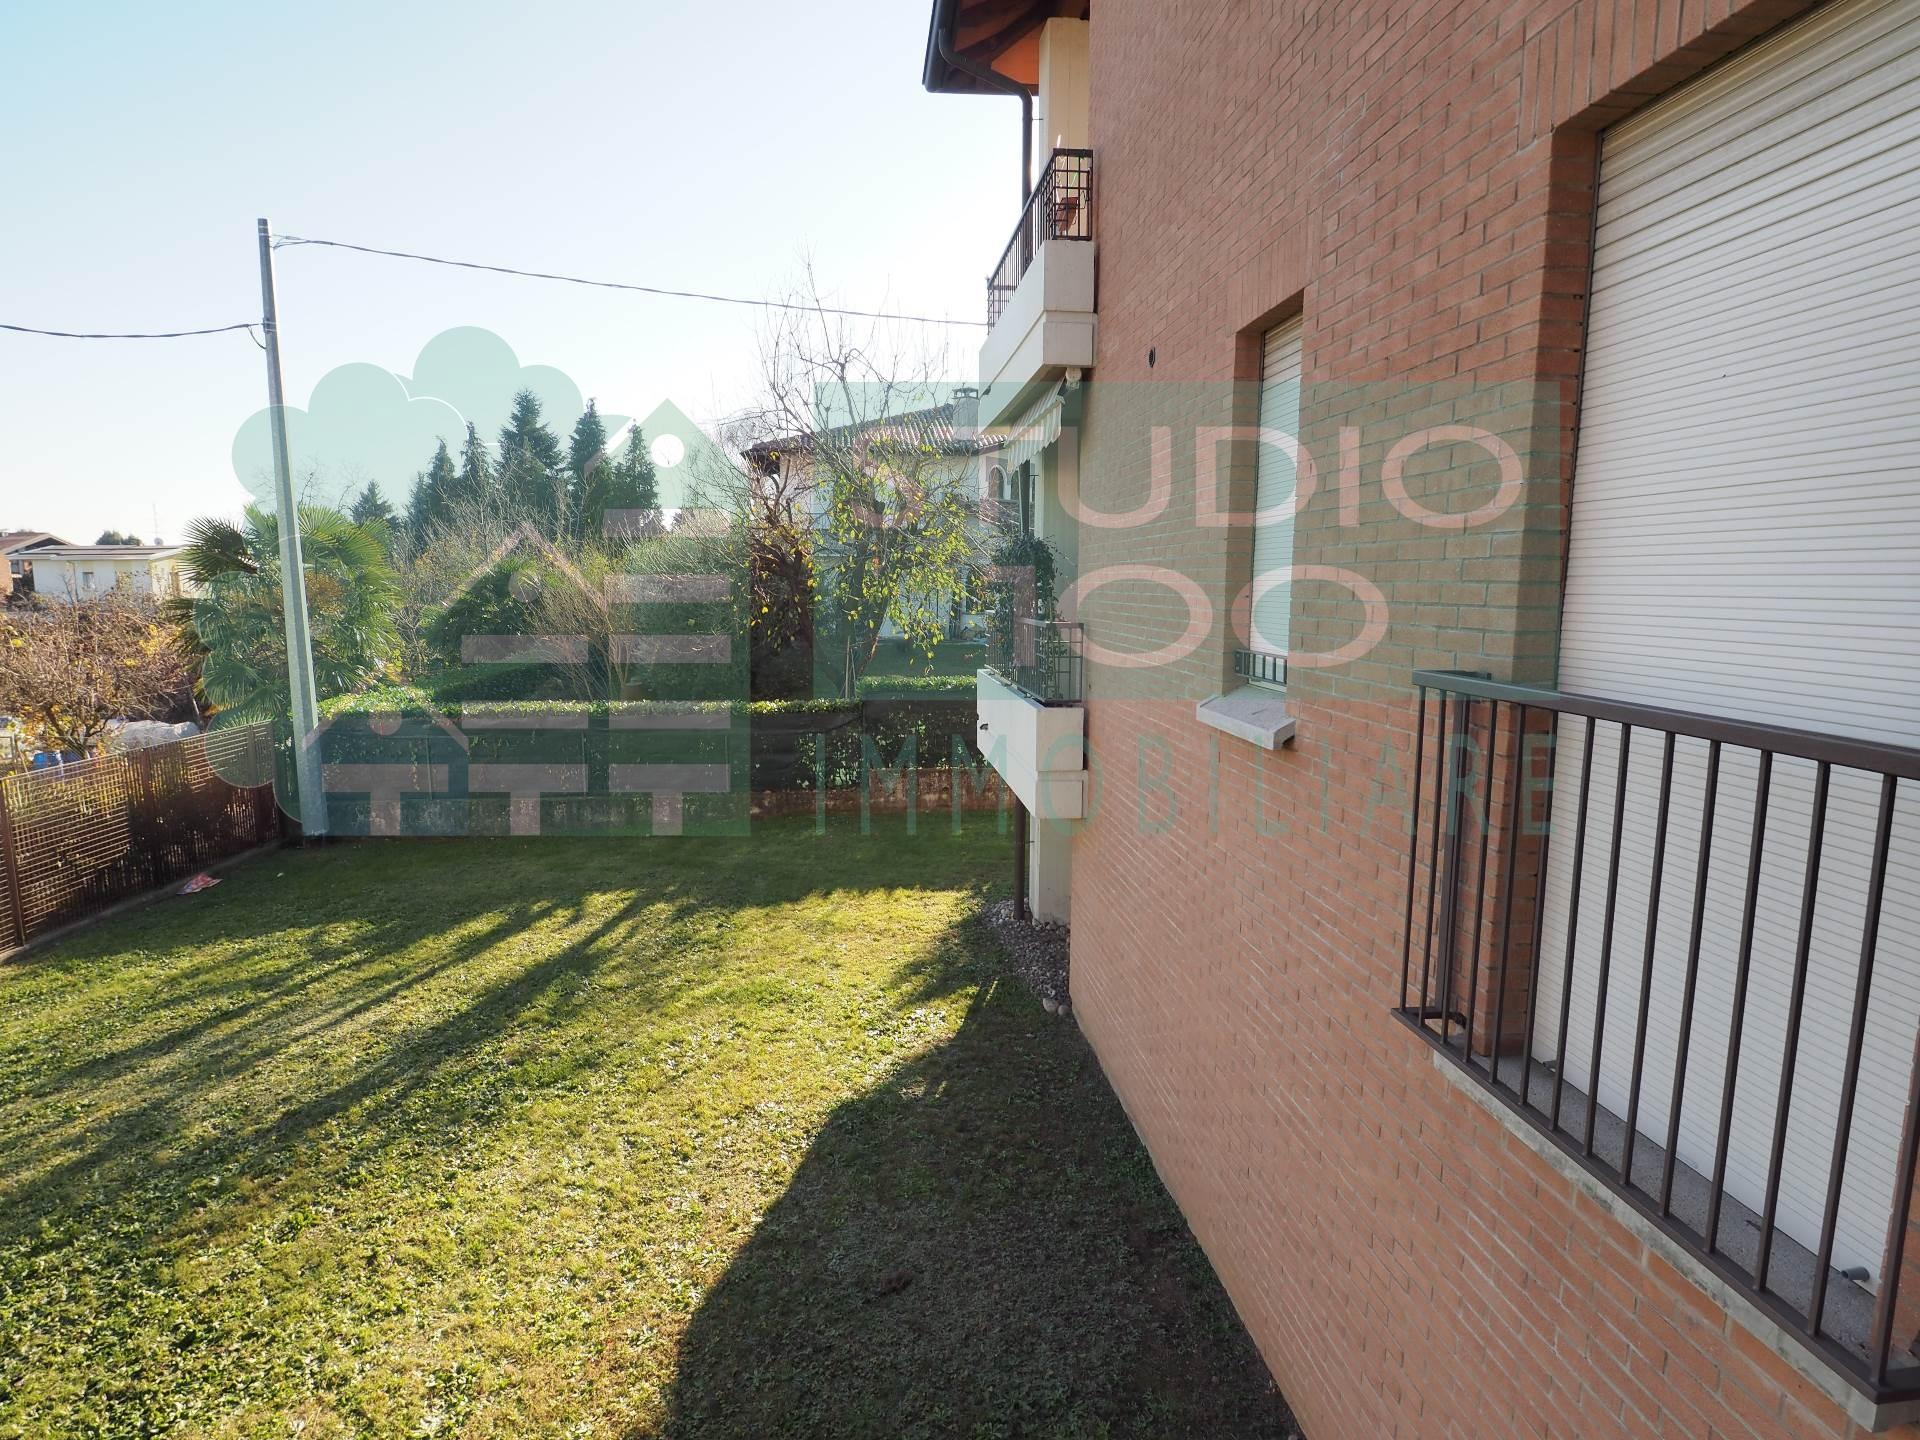 Appartamento in affitto a Cardano al Campo, 2 locali, zona Zona: Cuoricino, prezzo € 450   CambioCasa.it